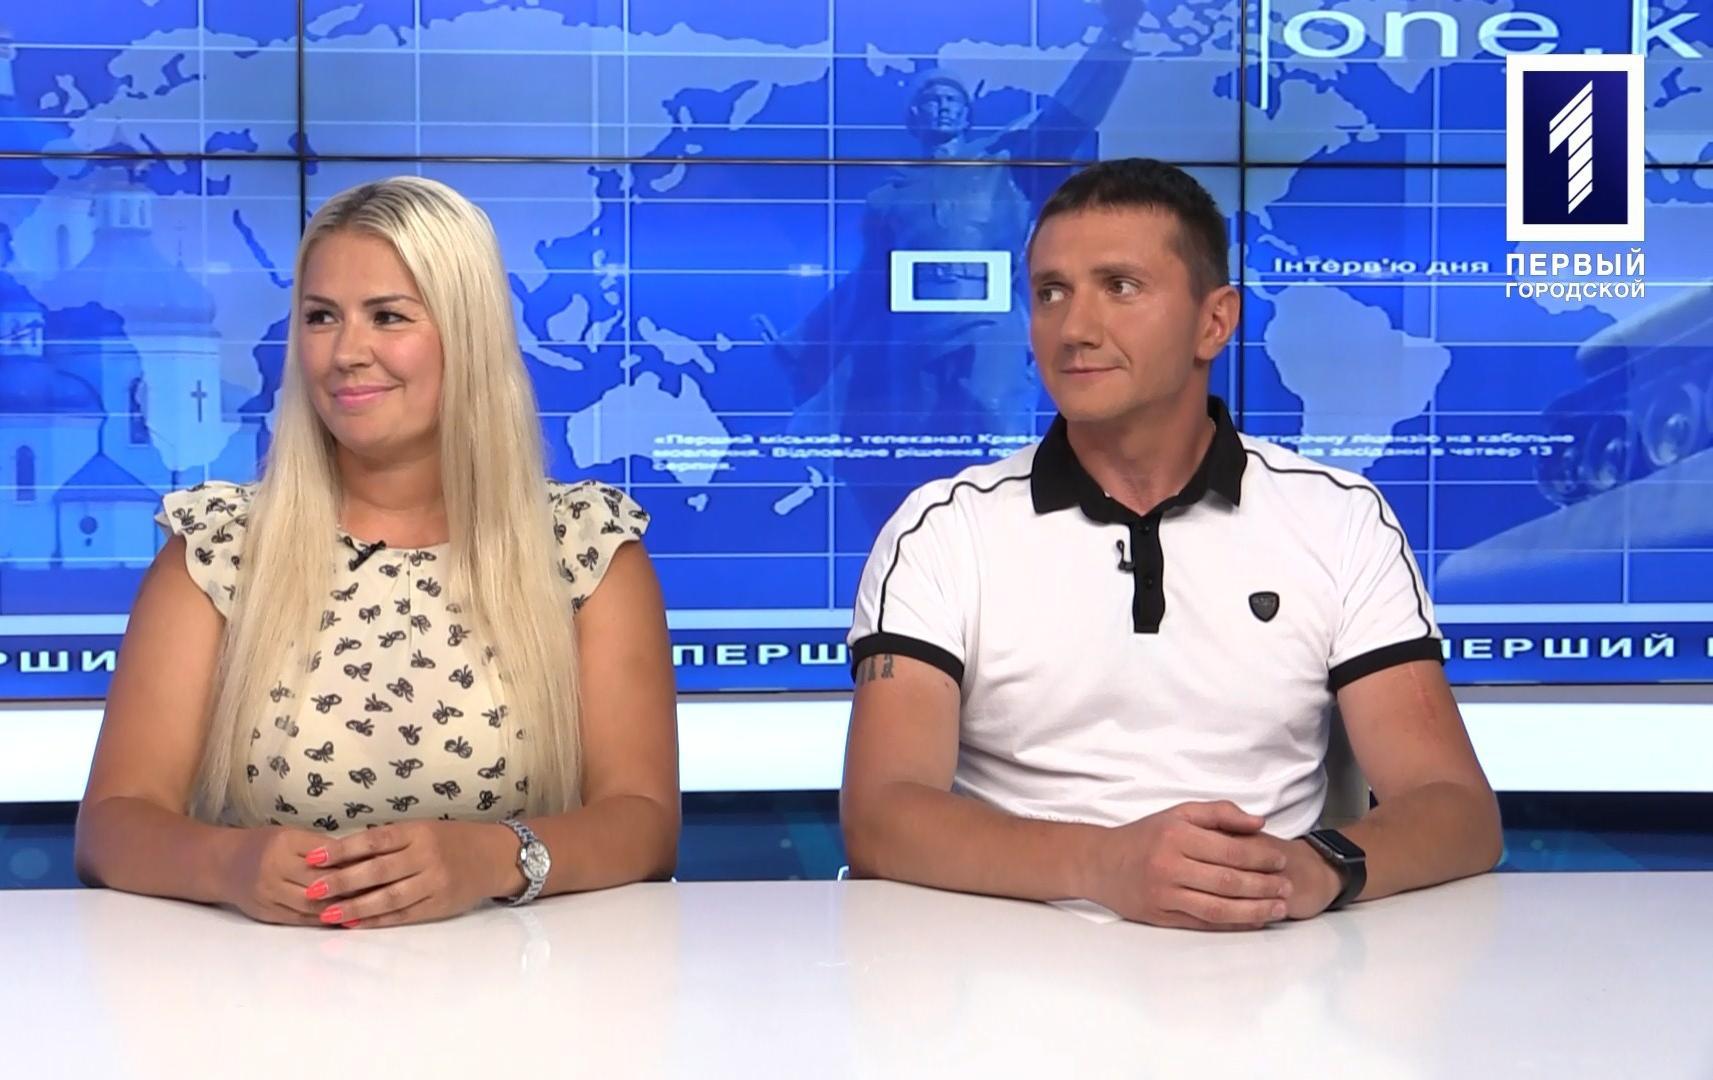 Інтерв'ю дня: Олексій Павлюк та Олена Фединяк – президент та віце-президентка асоціації волейболу Кривого Рогу